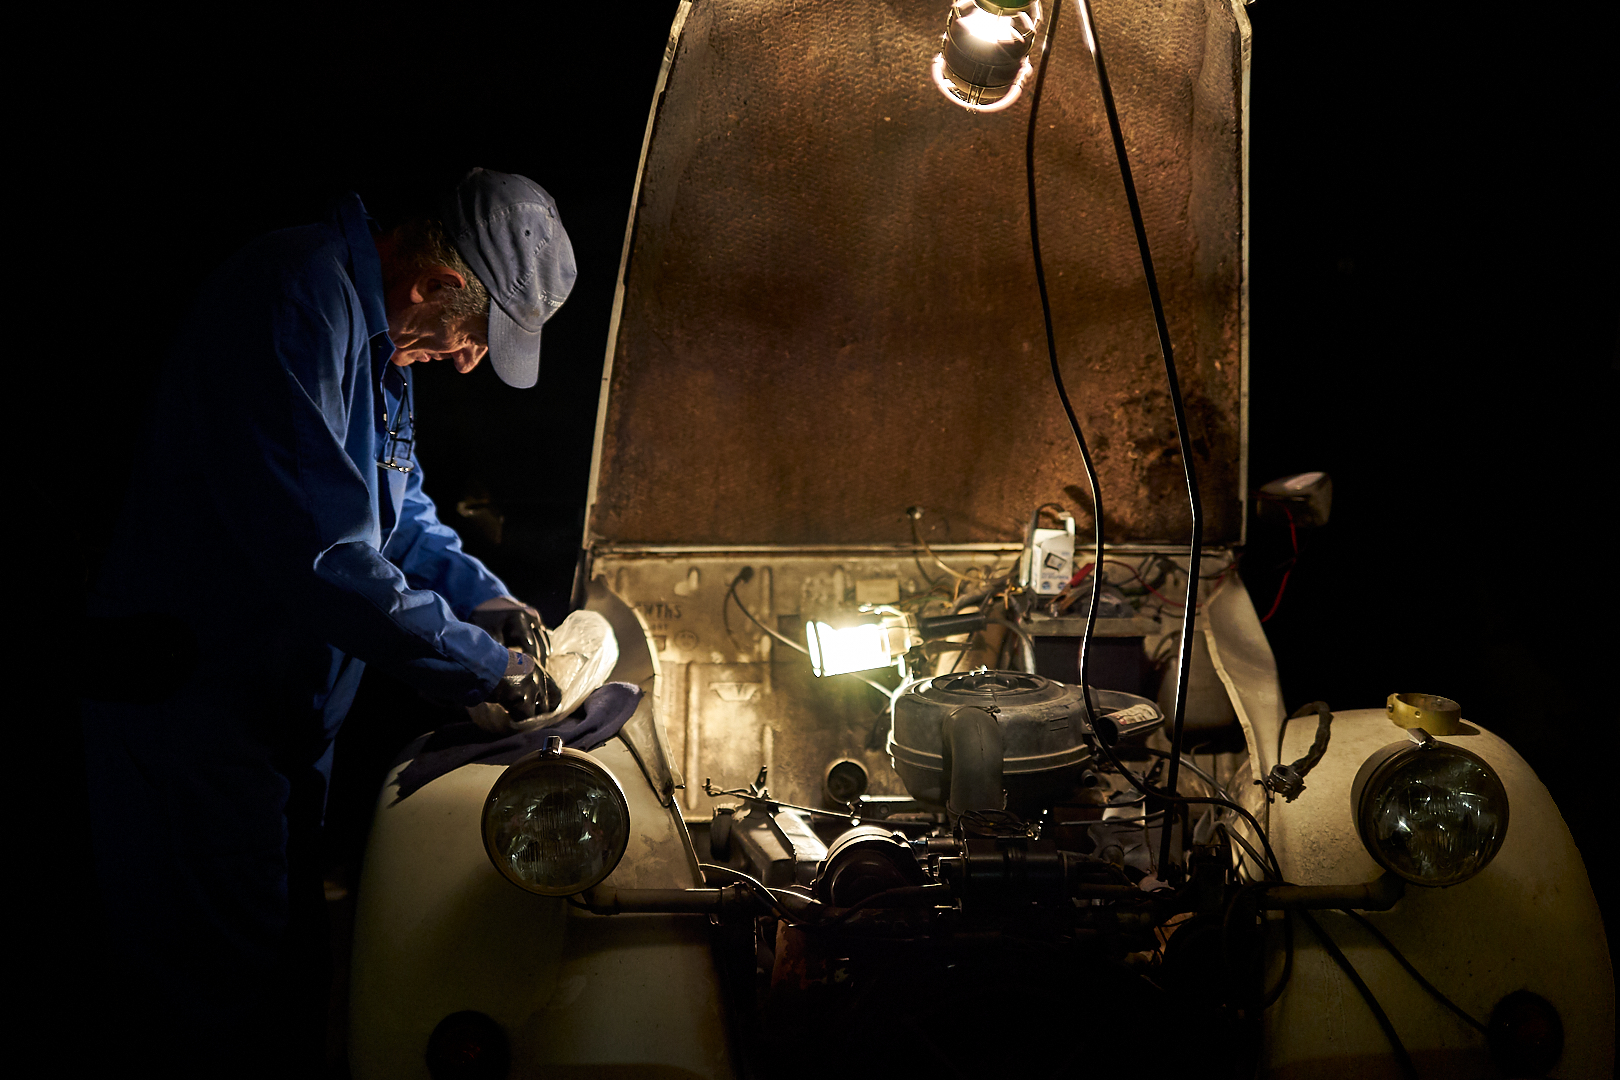 Vieux garagiste en train de réparer une 2cv avec le capot ouvert